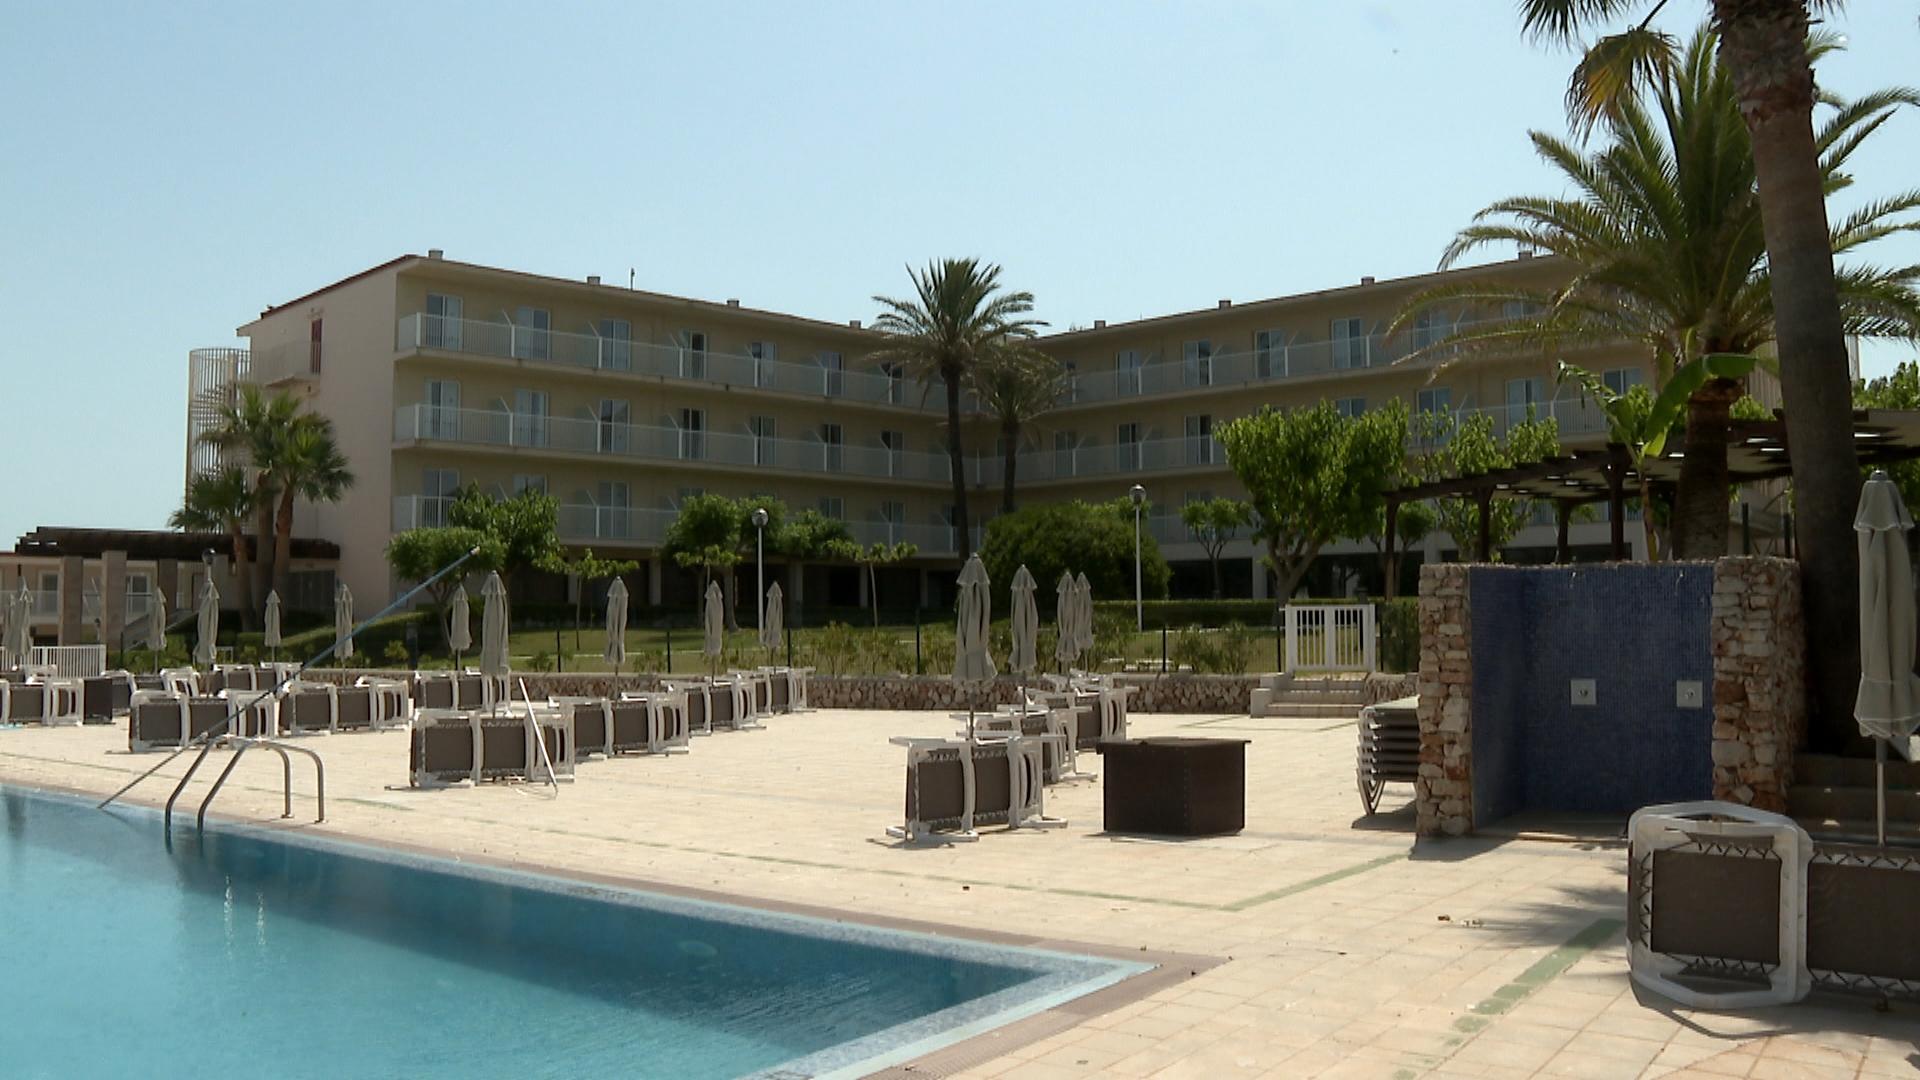 Les+cancel%C2%B7lacions+dels+brit%C3%A0nics+obliguen+als+hotels+de+Menorca+obrir+per+plantes